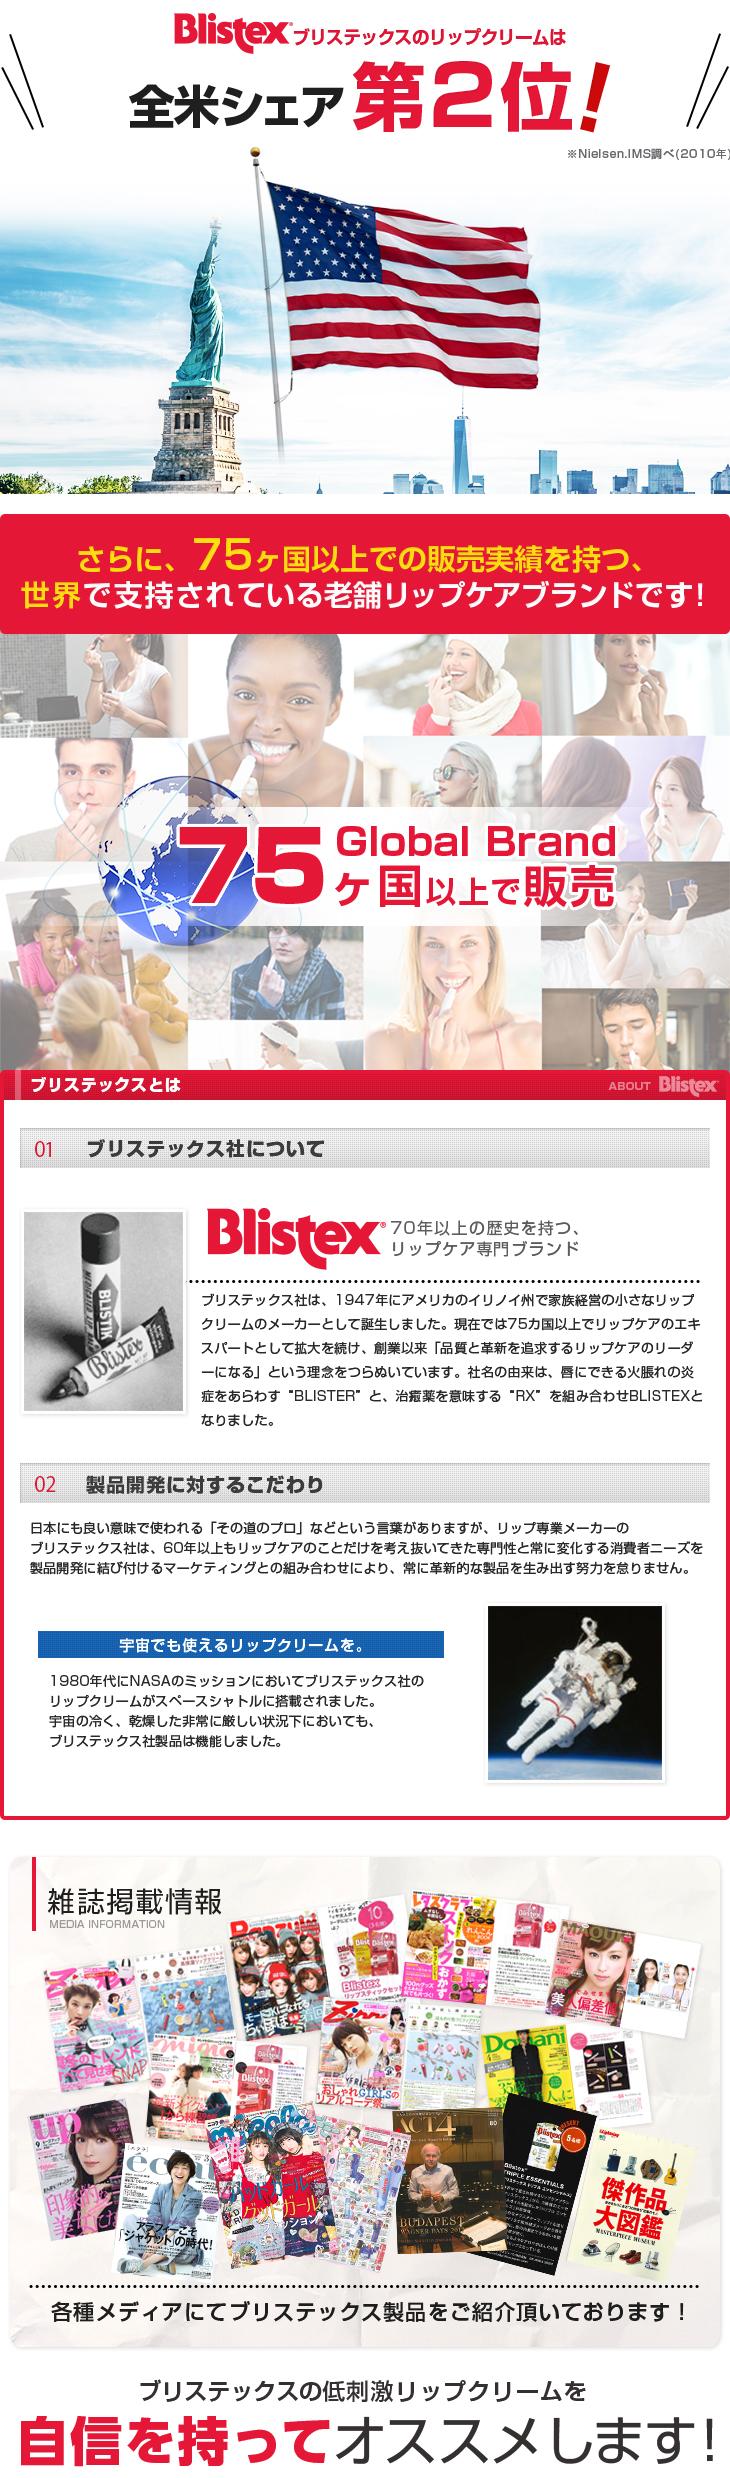 ブリステックスはアメリカで2位 75か国以上で販売 各メディアで紹介